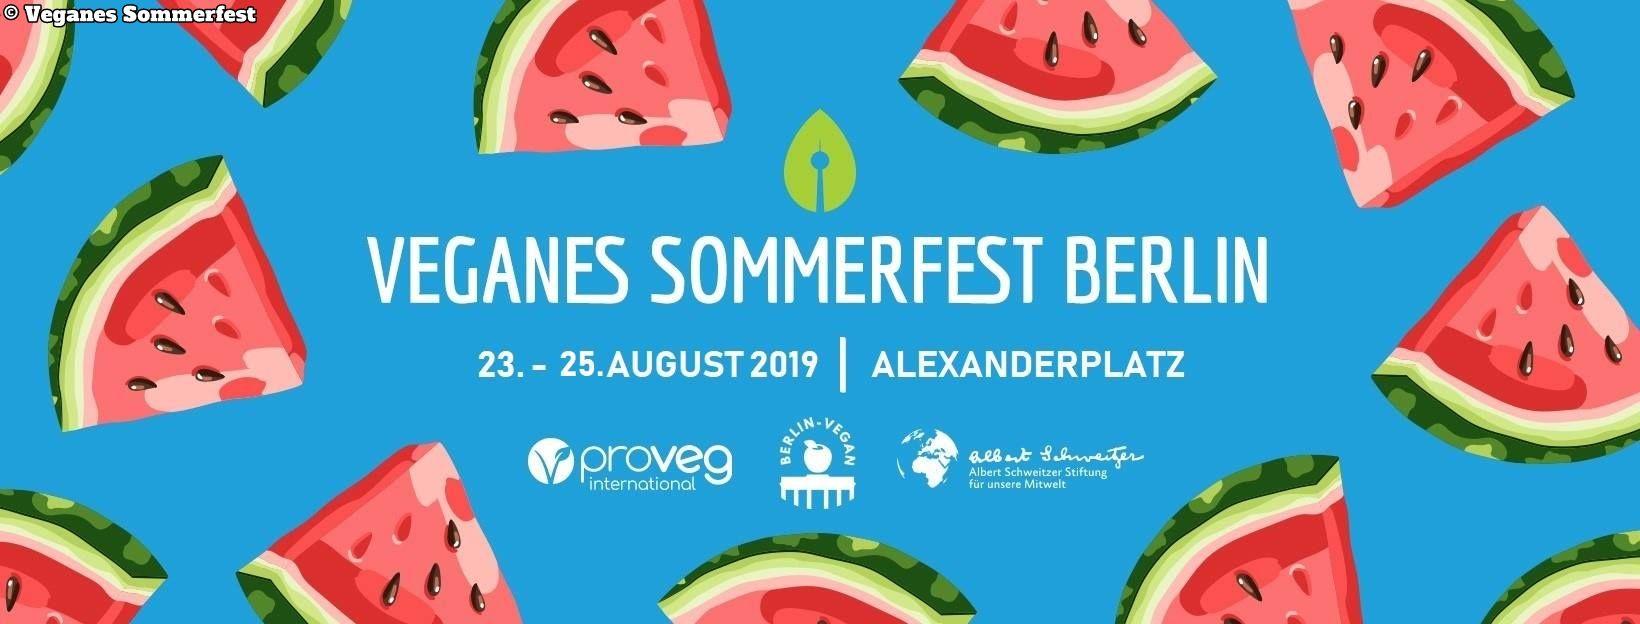 Veganes Sommer Fest Berlin 2019